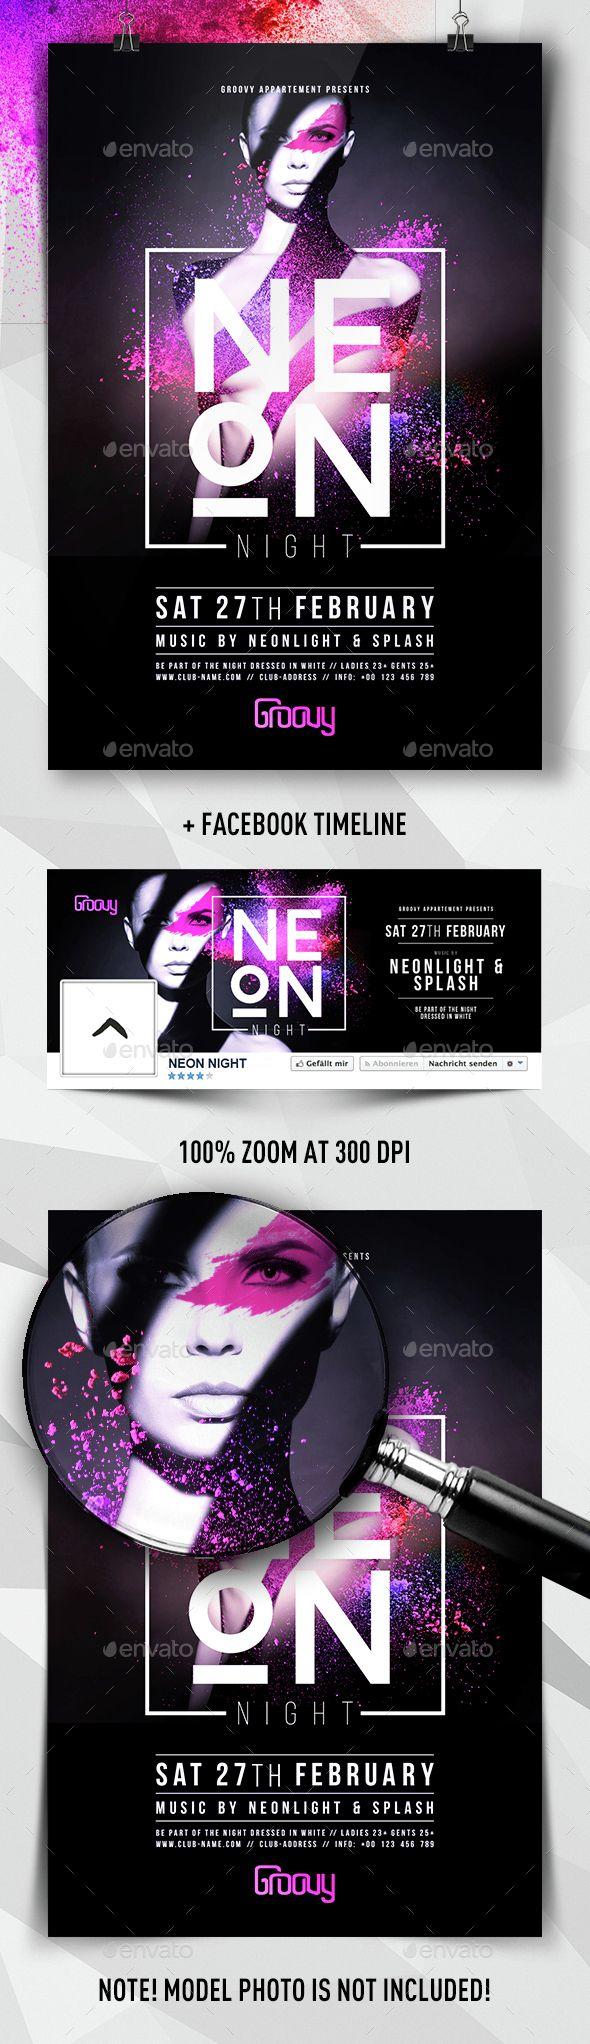 Neon Night Flyer | Volantes de eventos, Neón y Diseño revista